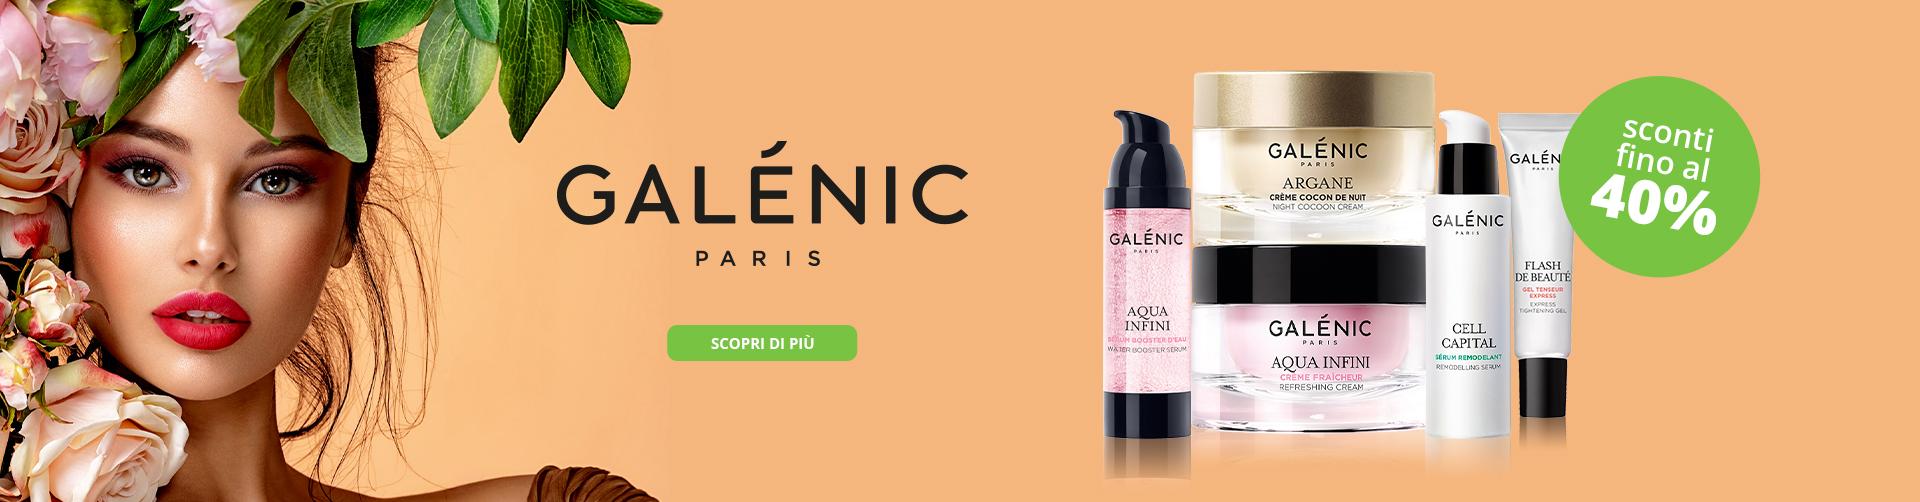 galenic_desk